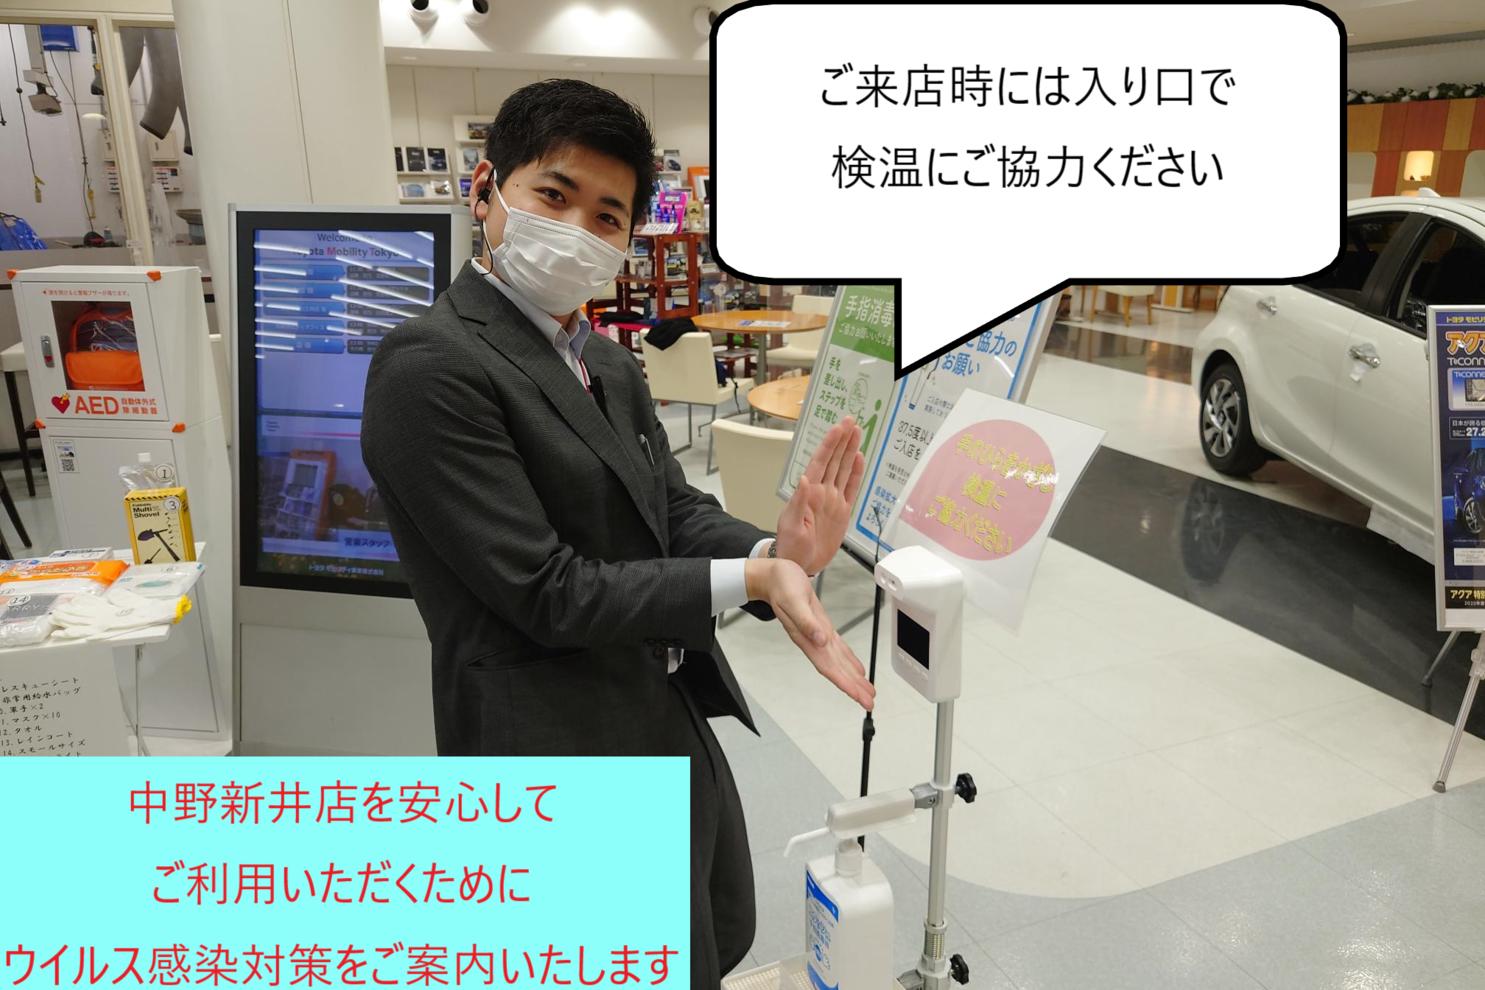 中野 坂上 ショップ au